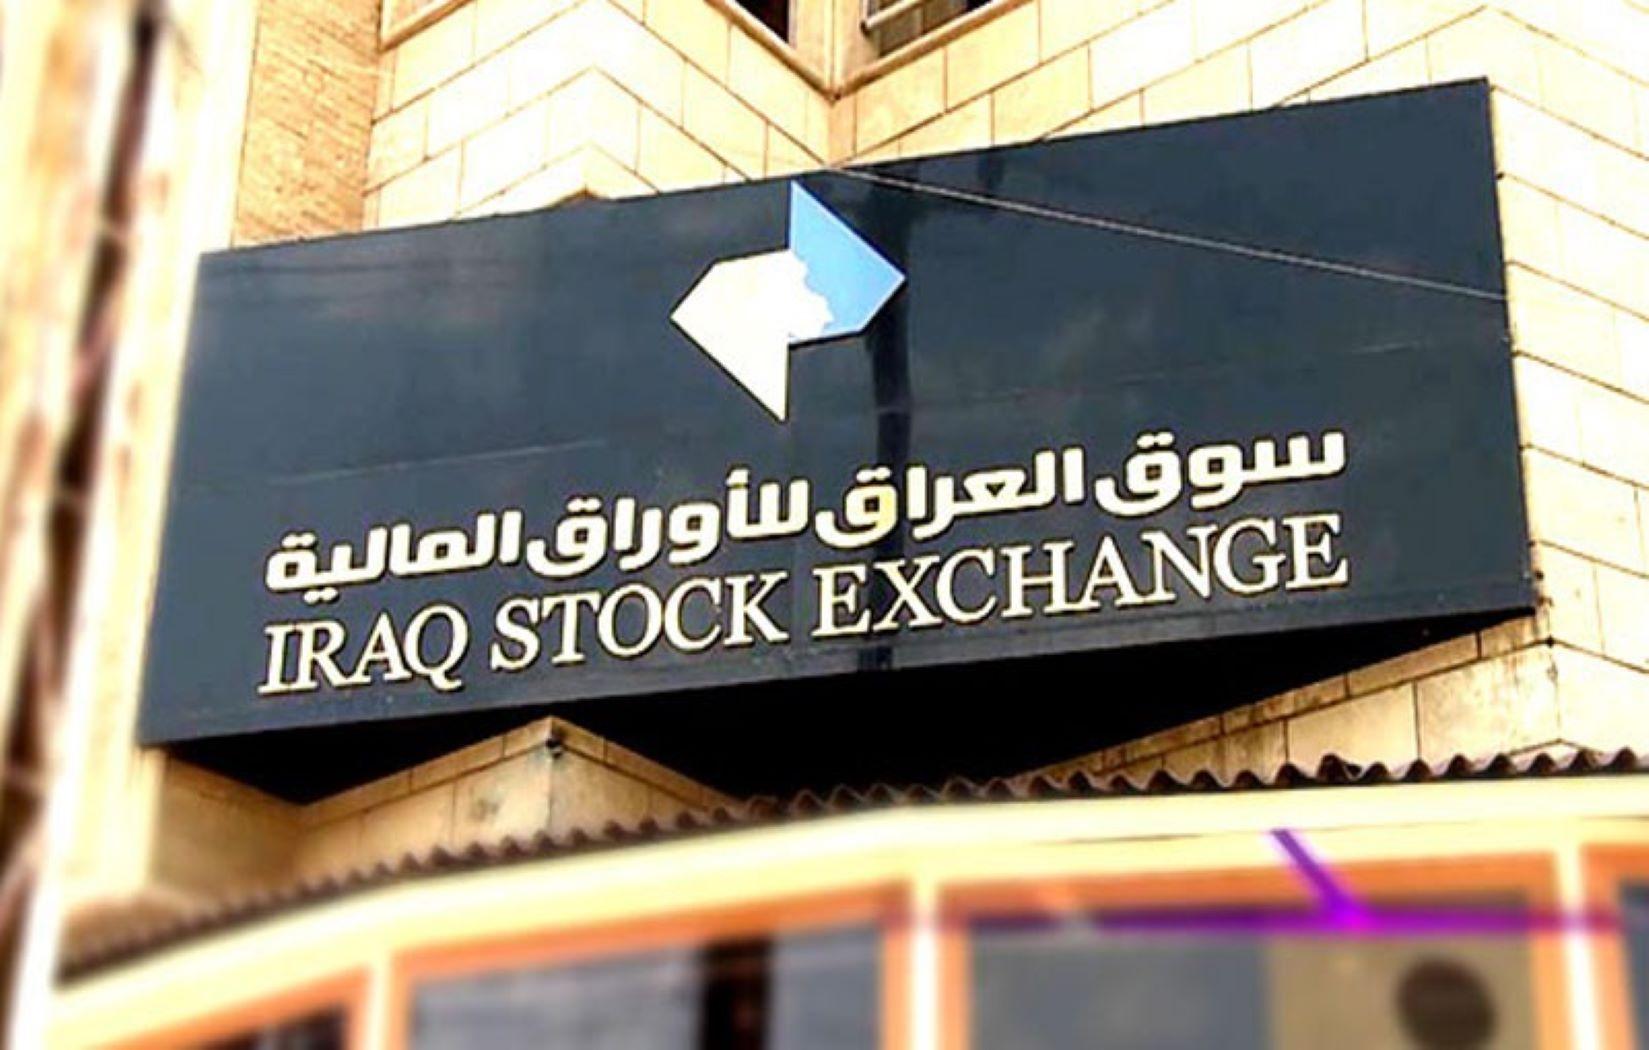 البورصة العراقية تتداول ملياري سهم بقيمة 3 مليارات دينار في أسبوع